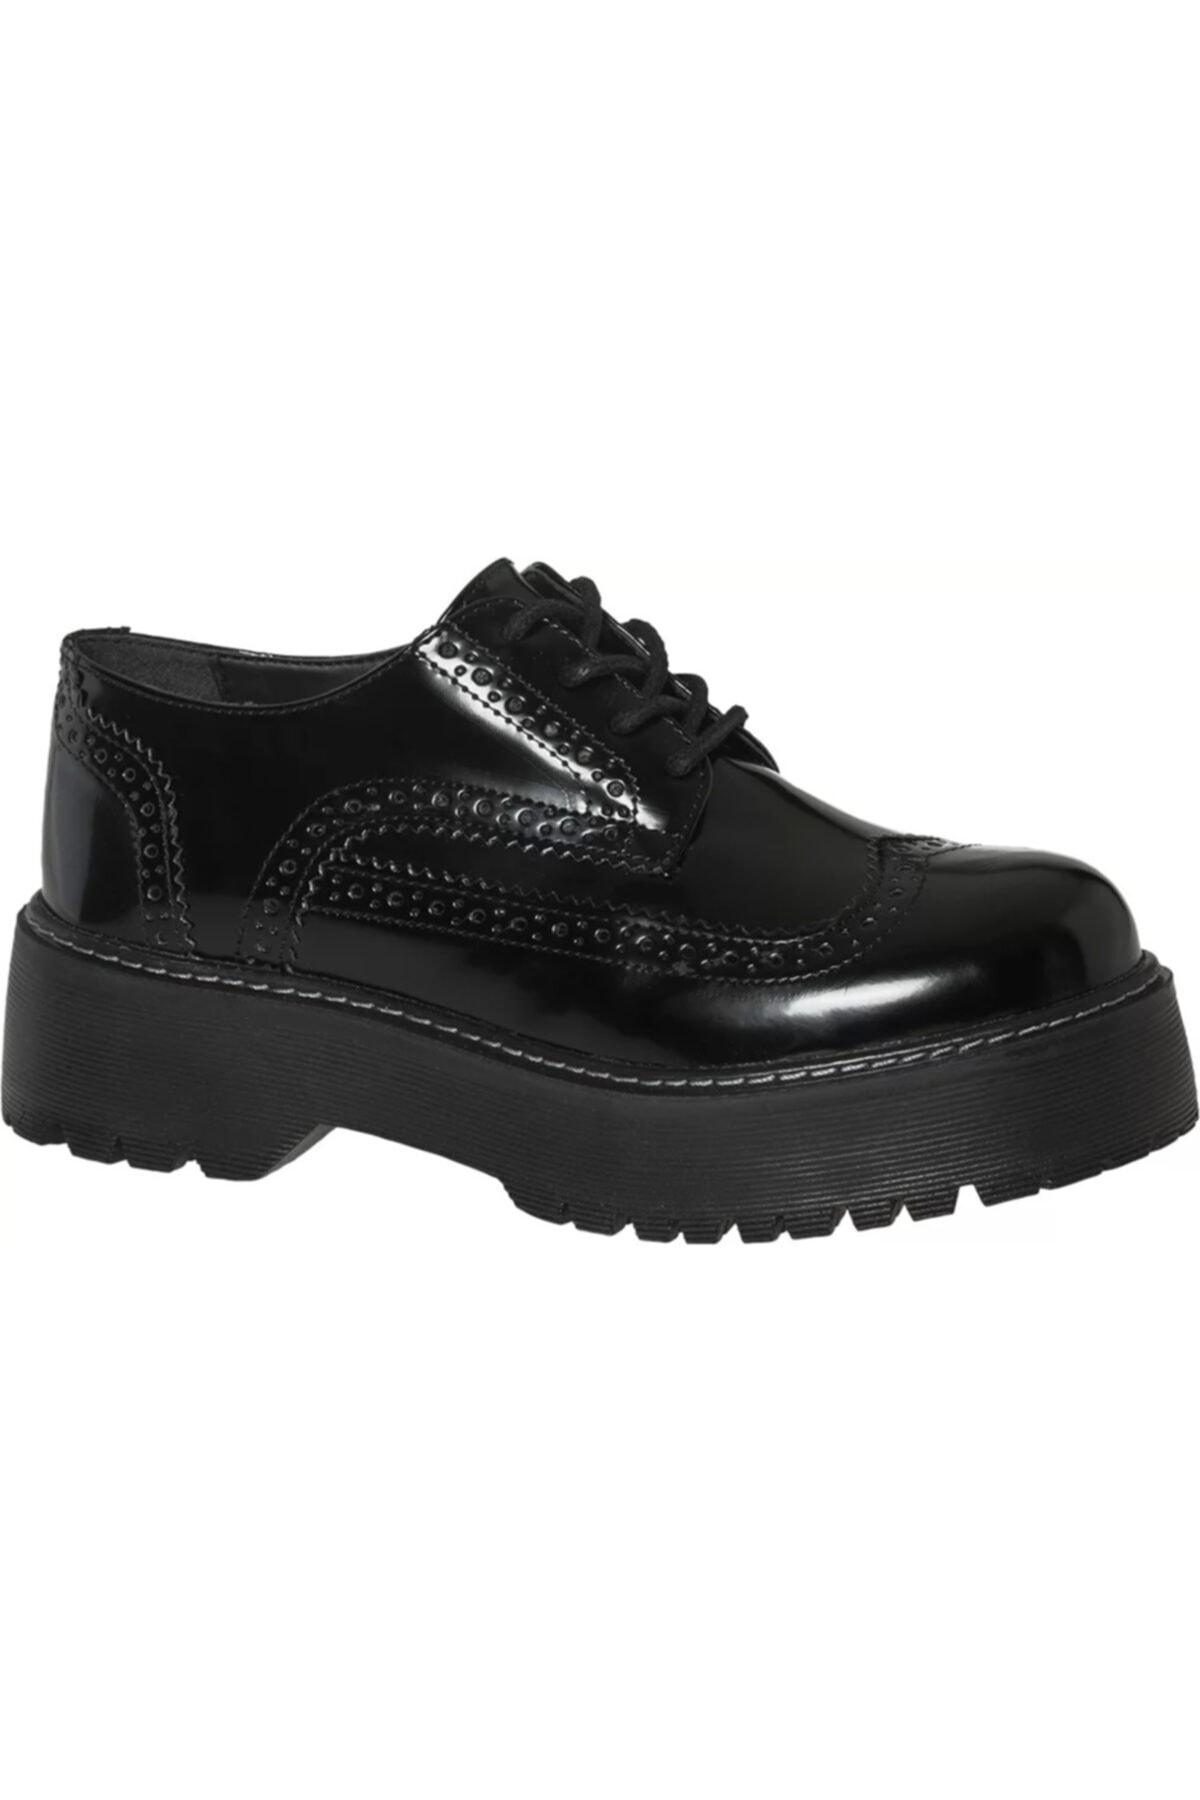 Graceland Deichmann Kadın Siyah Günlük Ayakkabı